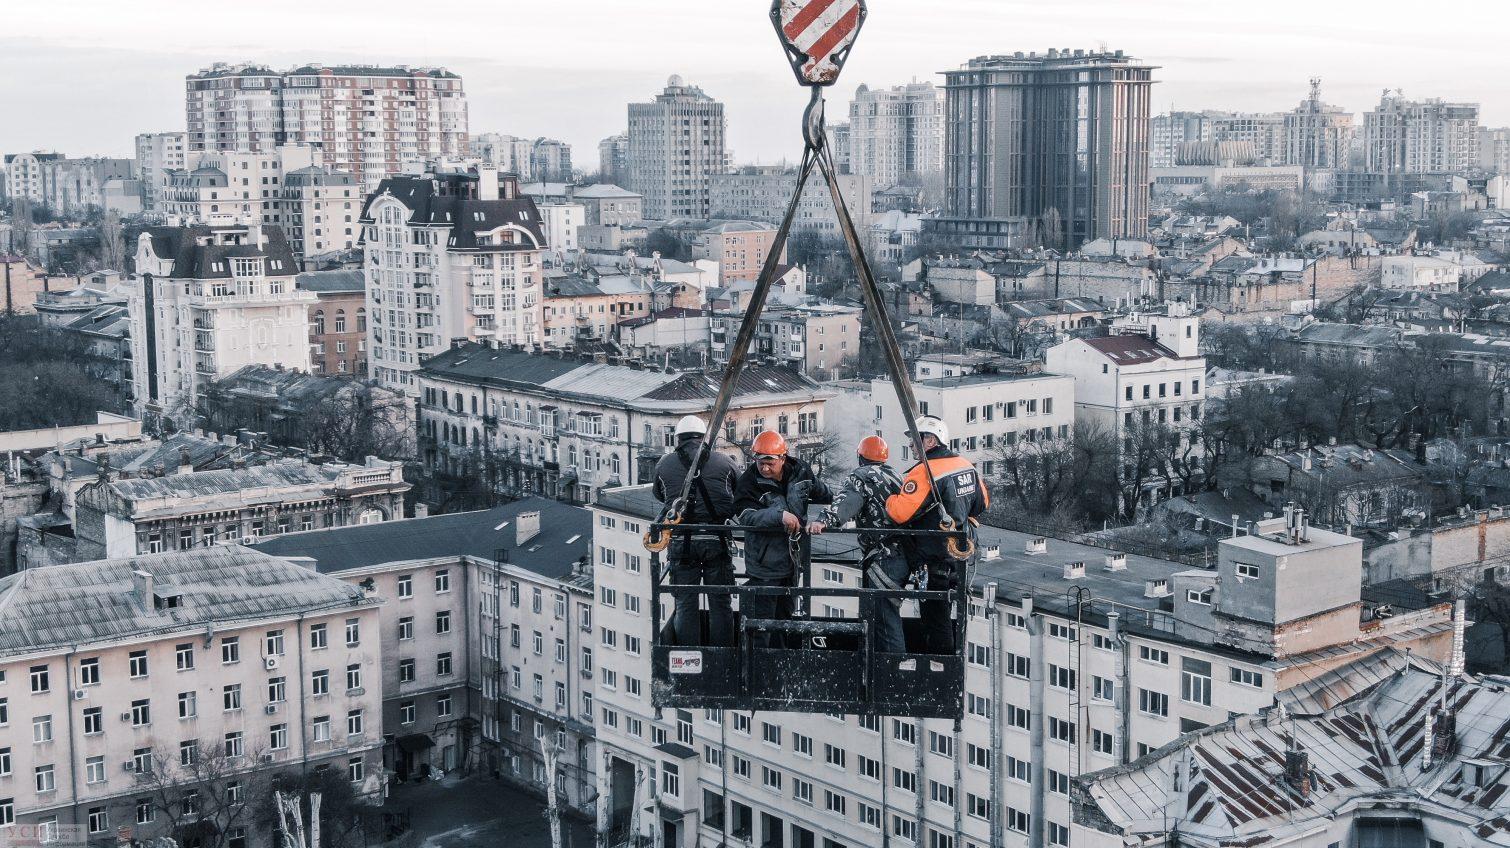 Обломки, горы пепла и опасная работа спасателей: как выглядит сгоревшее здание на Троицкой с высоты (фоторепортаж) «фото»